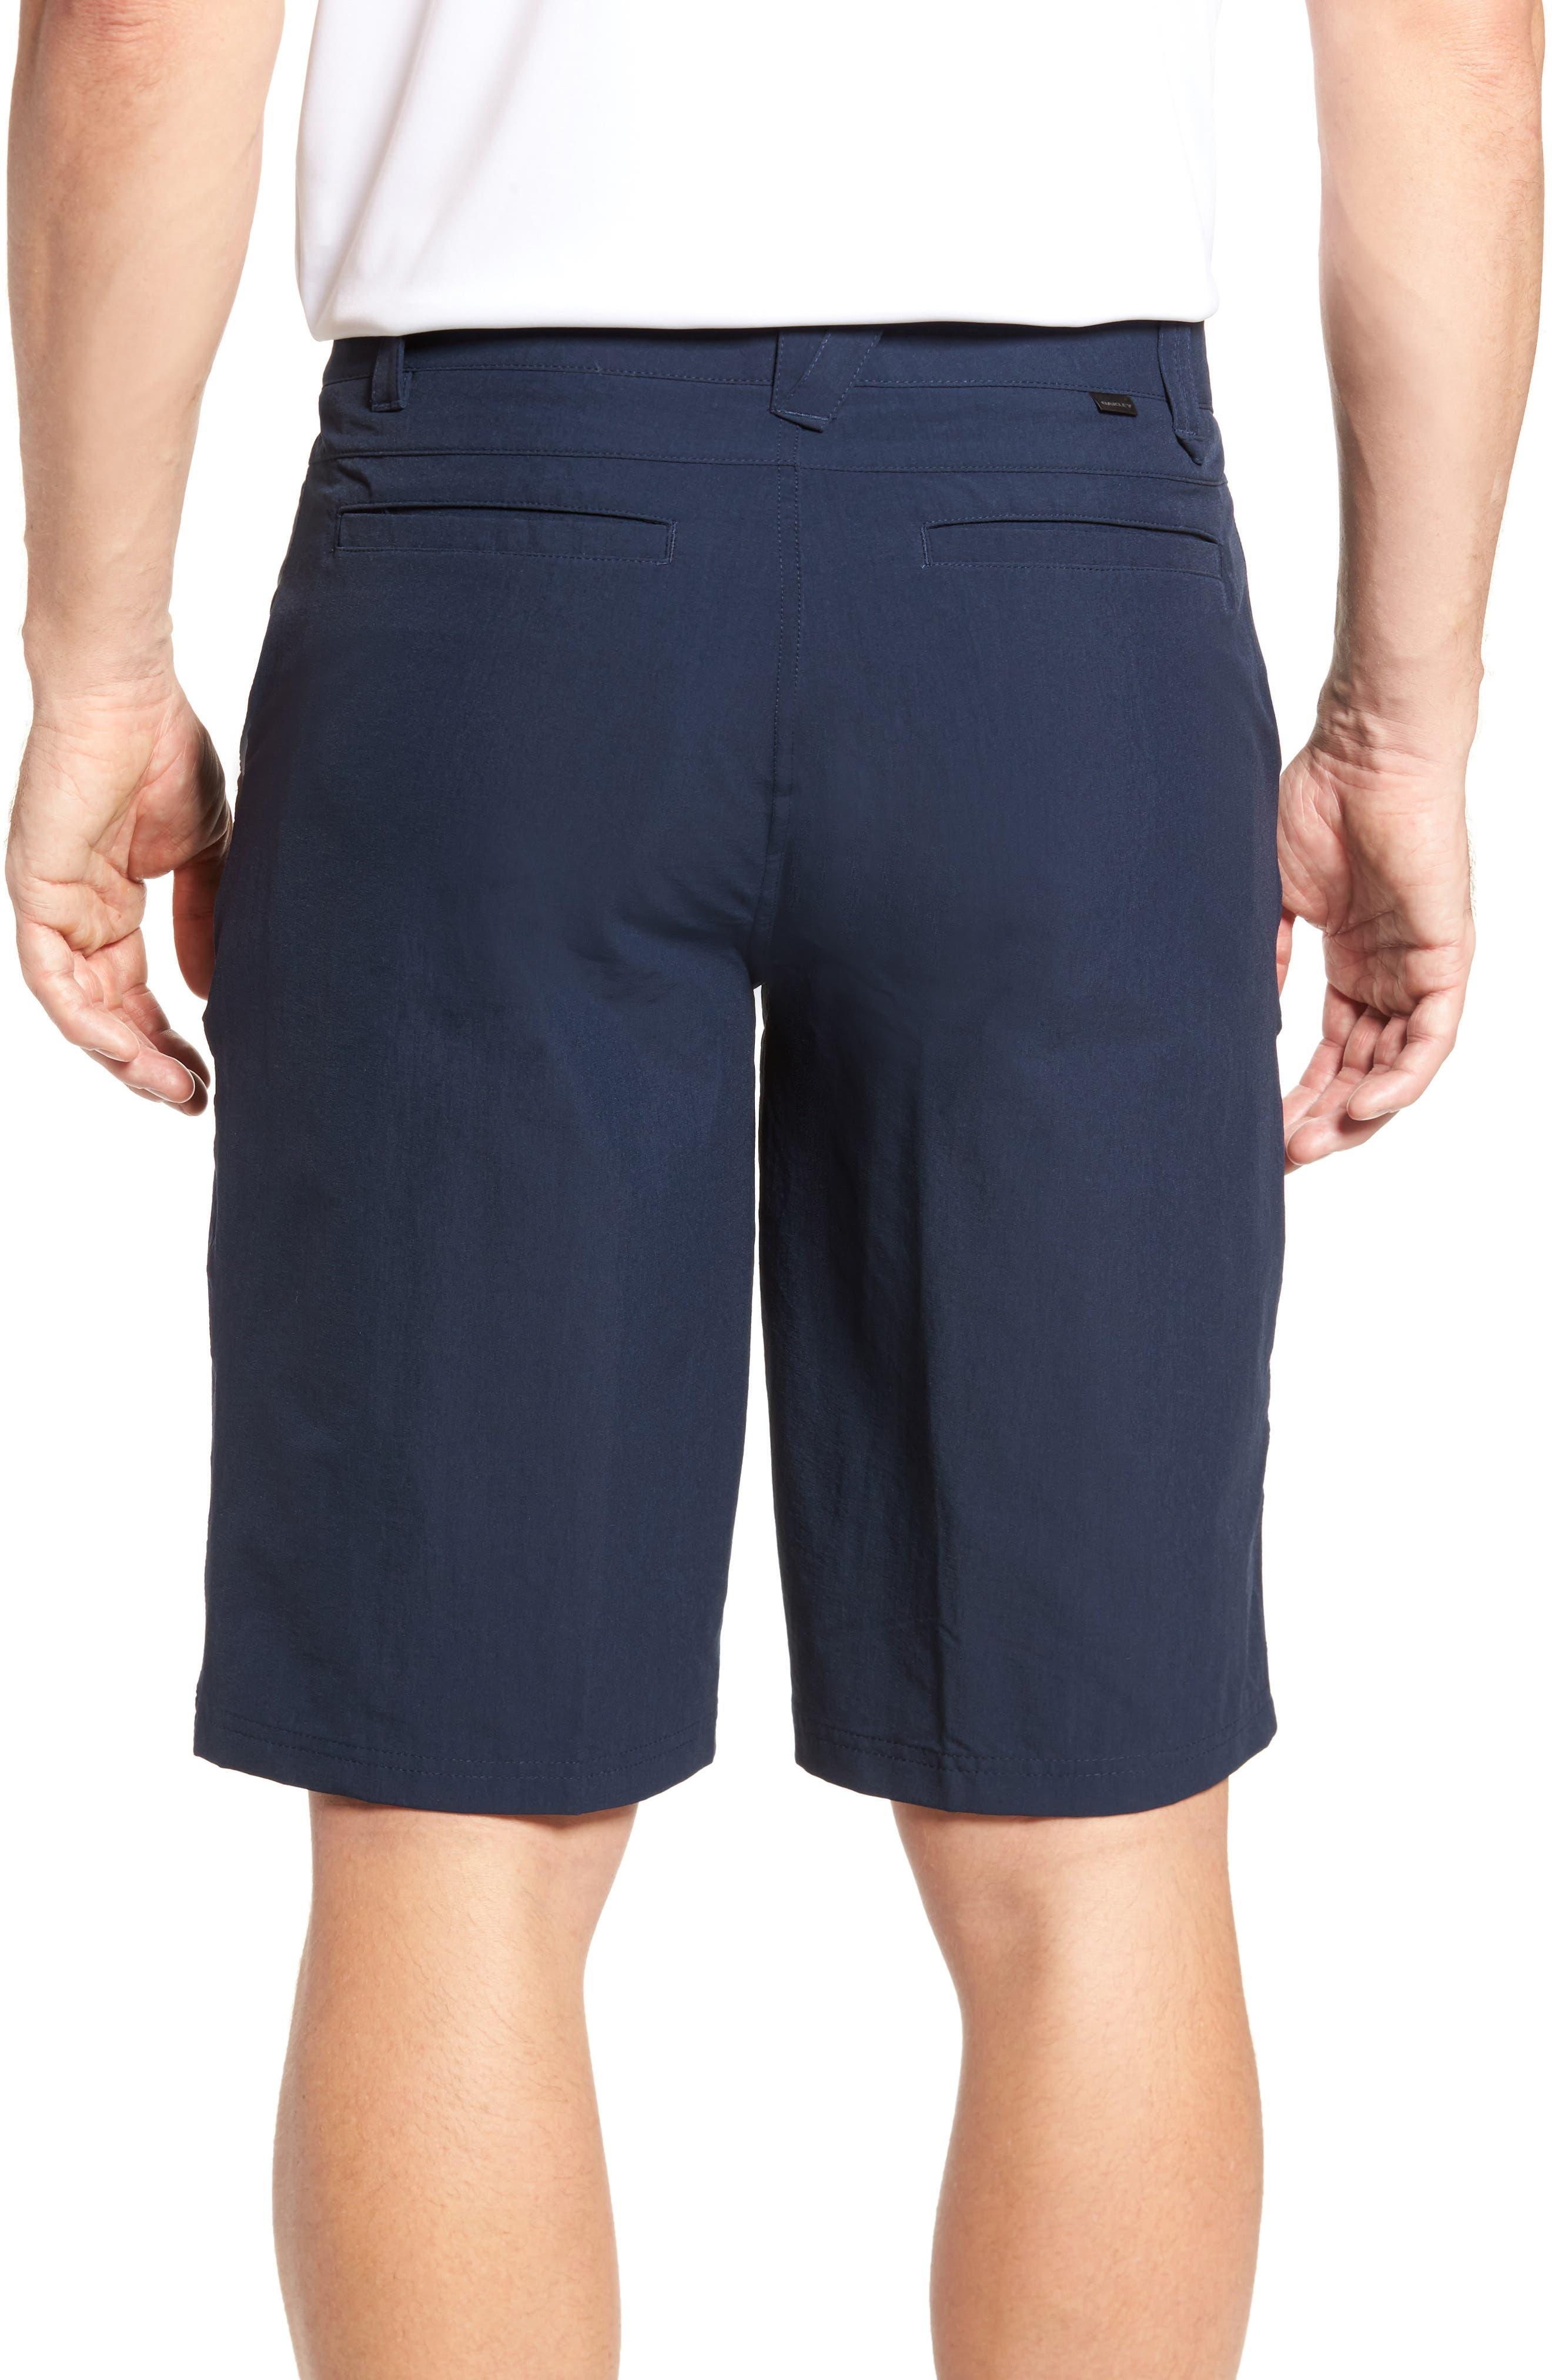 Take 2.5 Shorts,                             Alternate thumbnail 4, color,